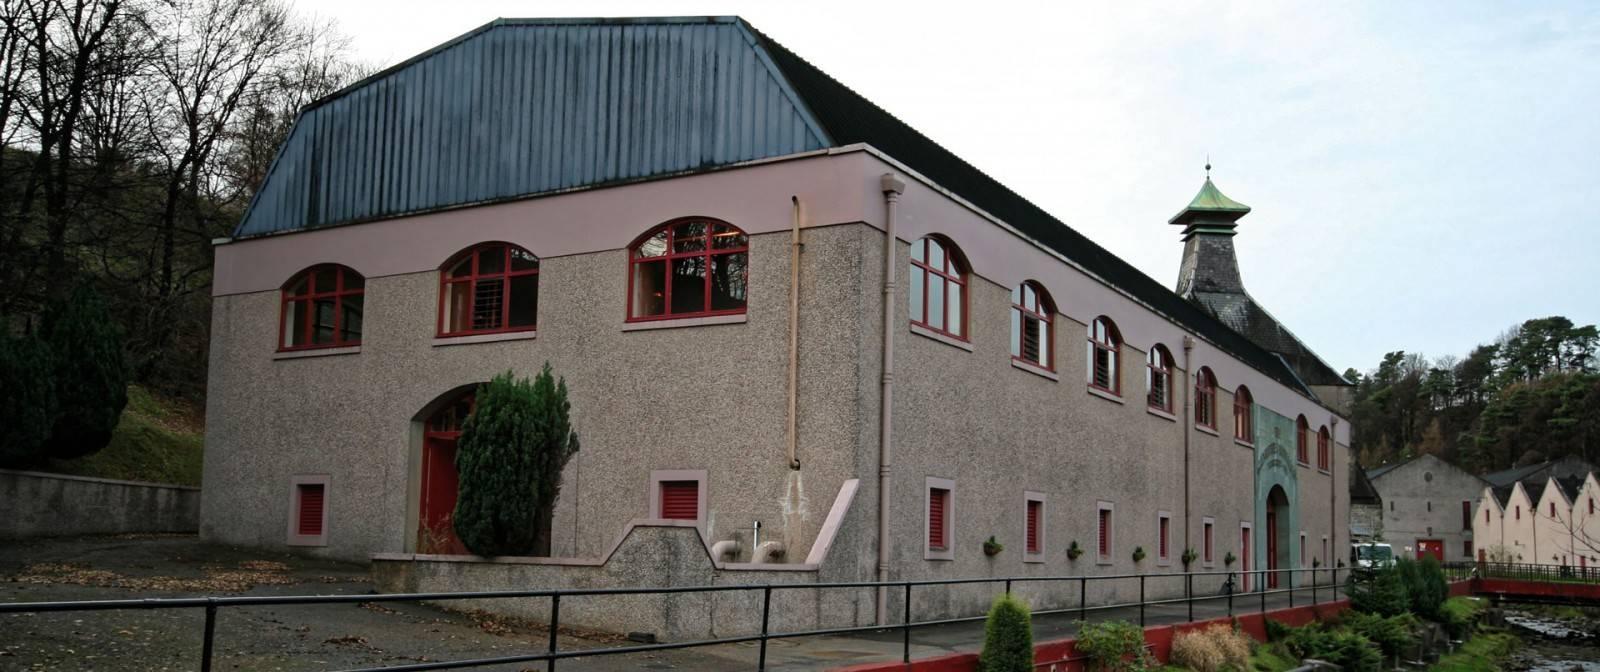 Glenrothes Stillhouse